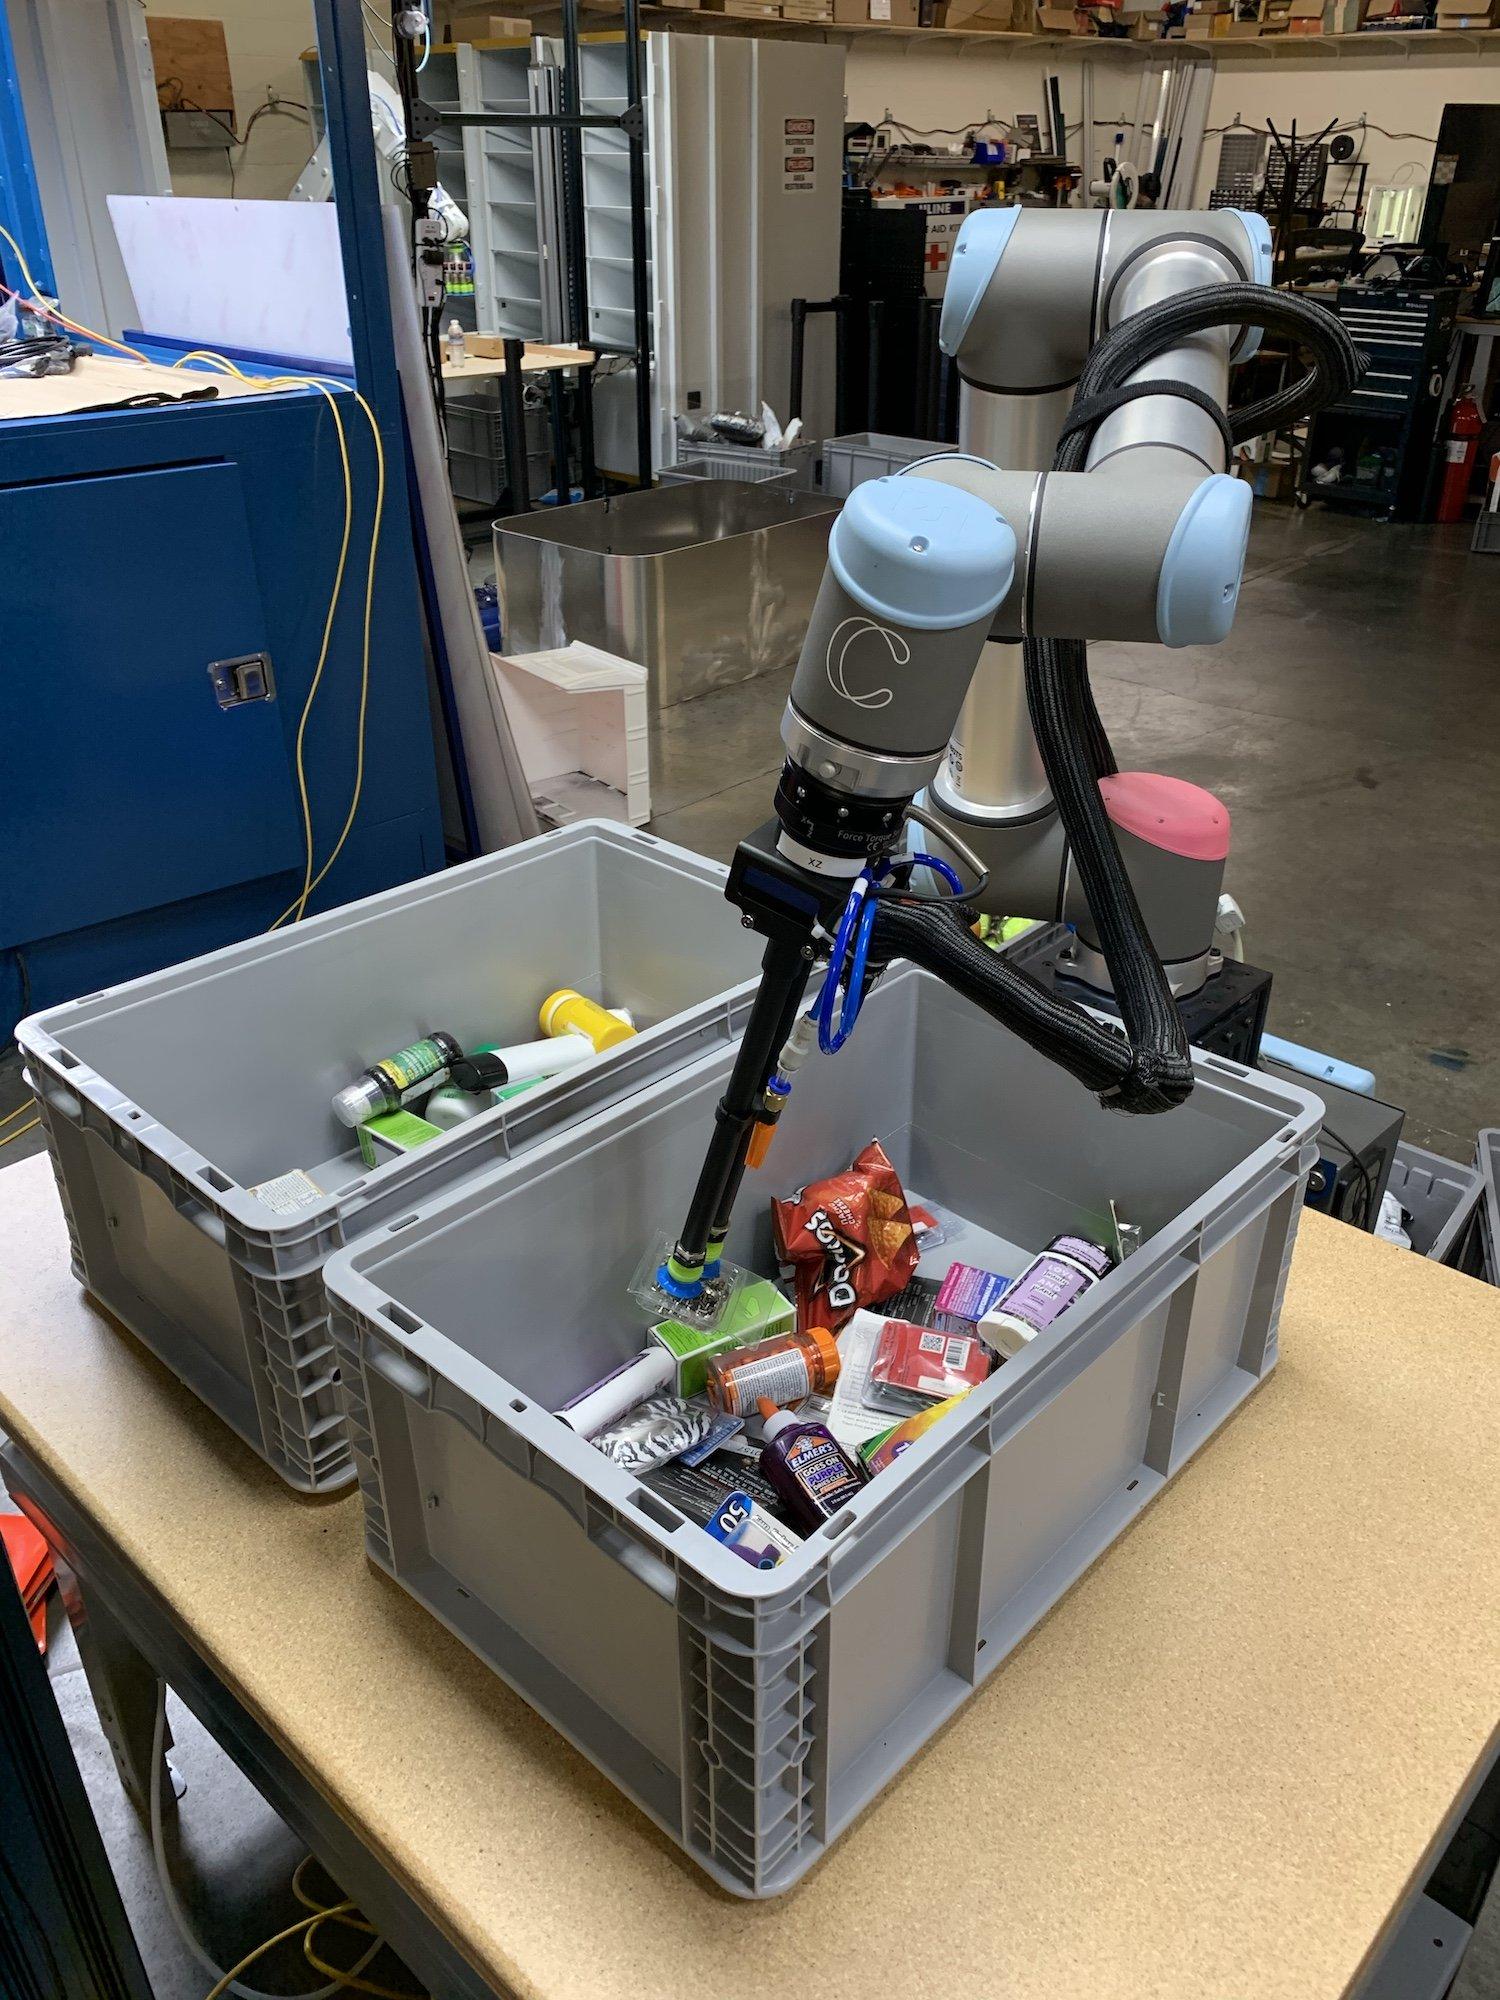 Складские роботы, использующие ИИ для сортировки предметов, готовы к работе - 3